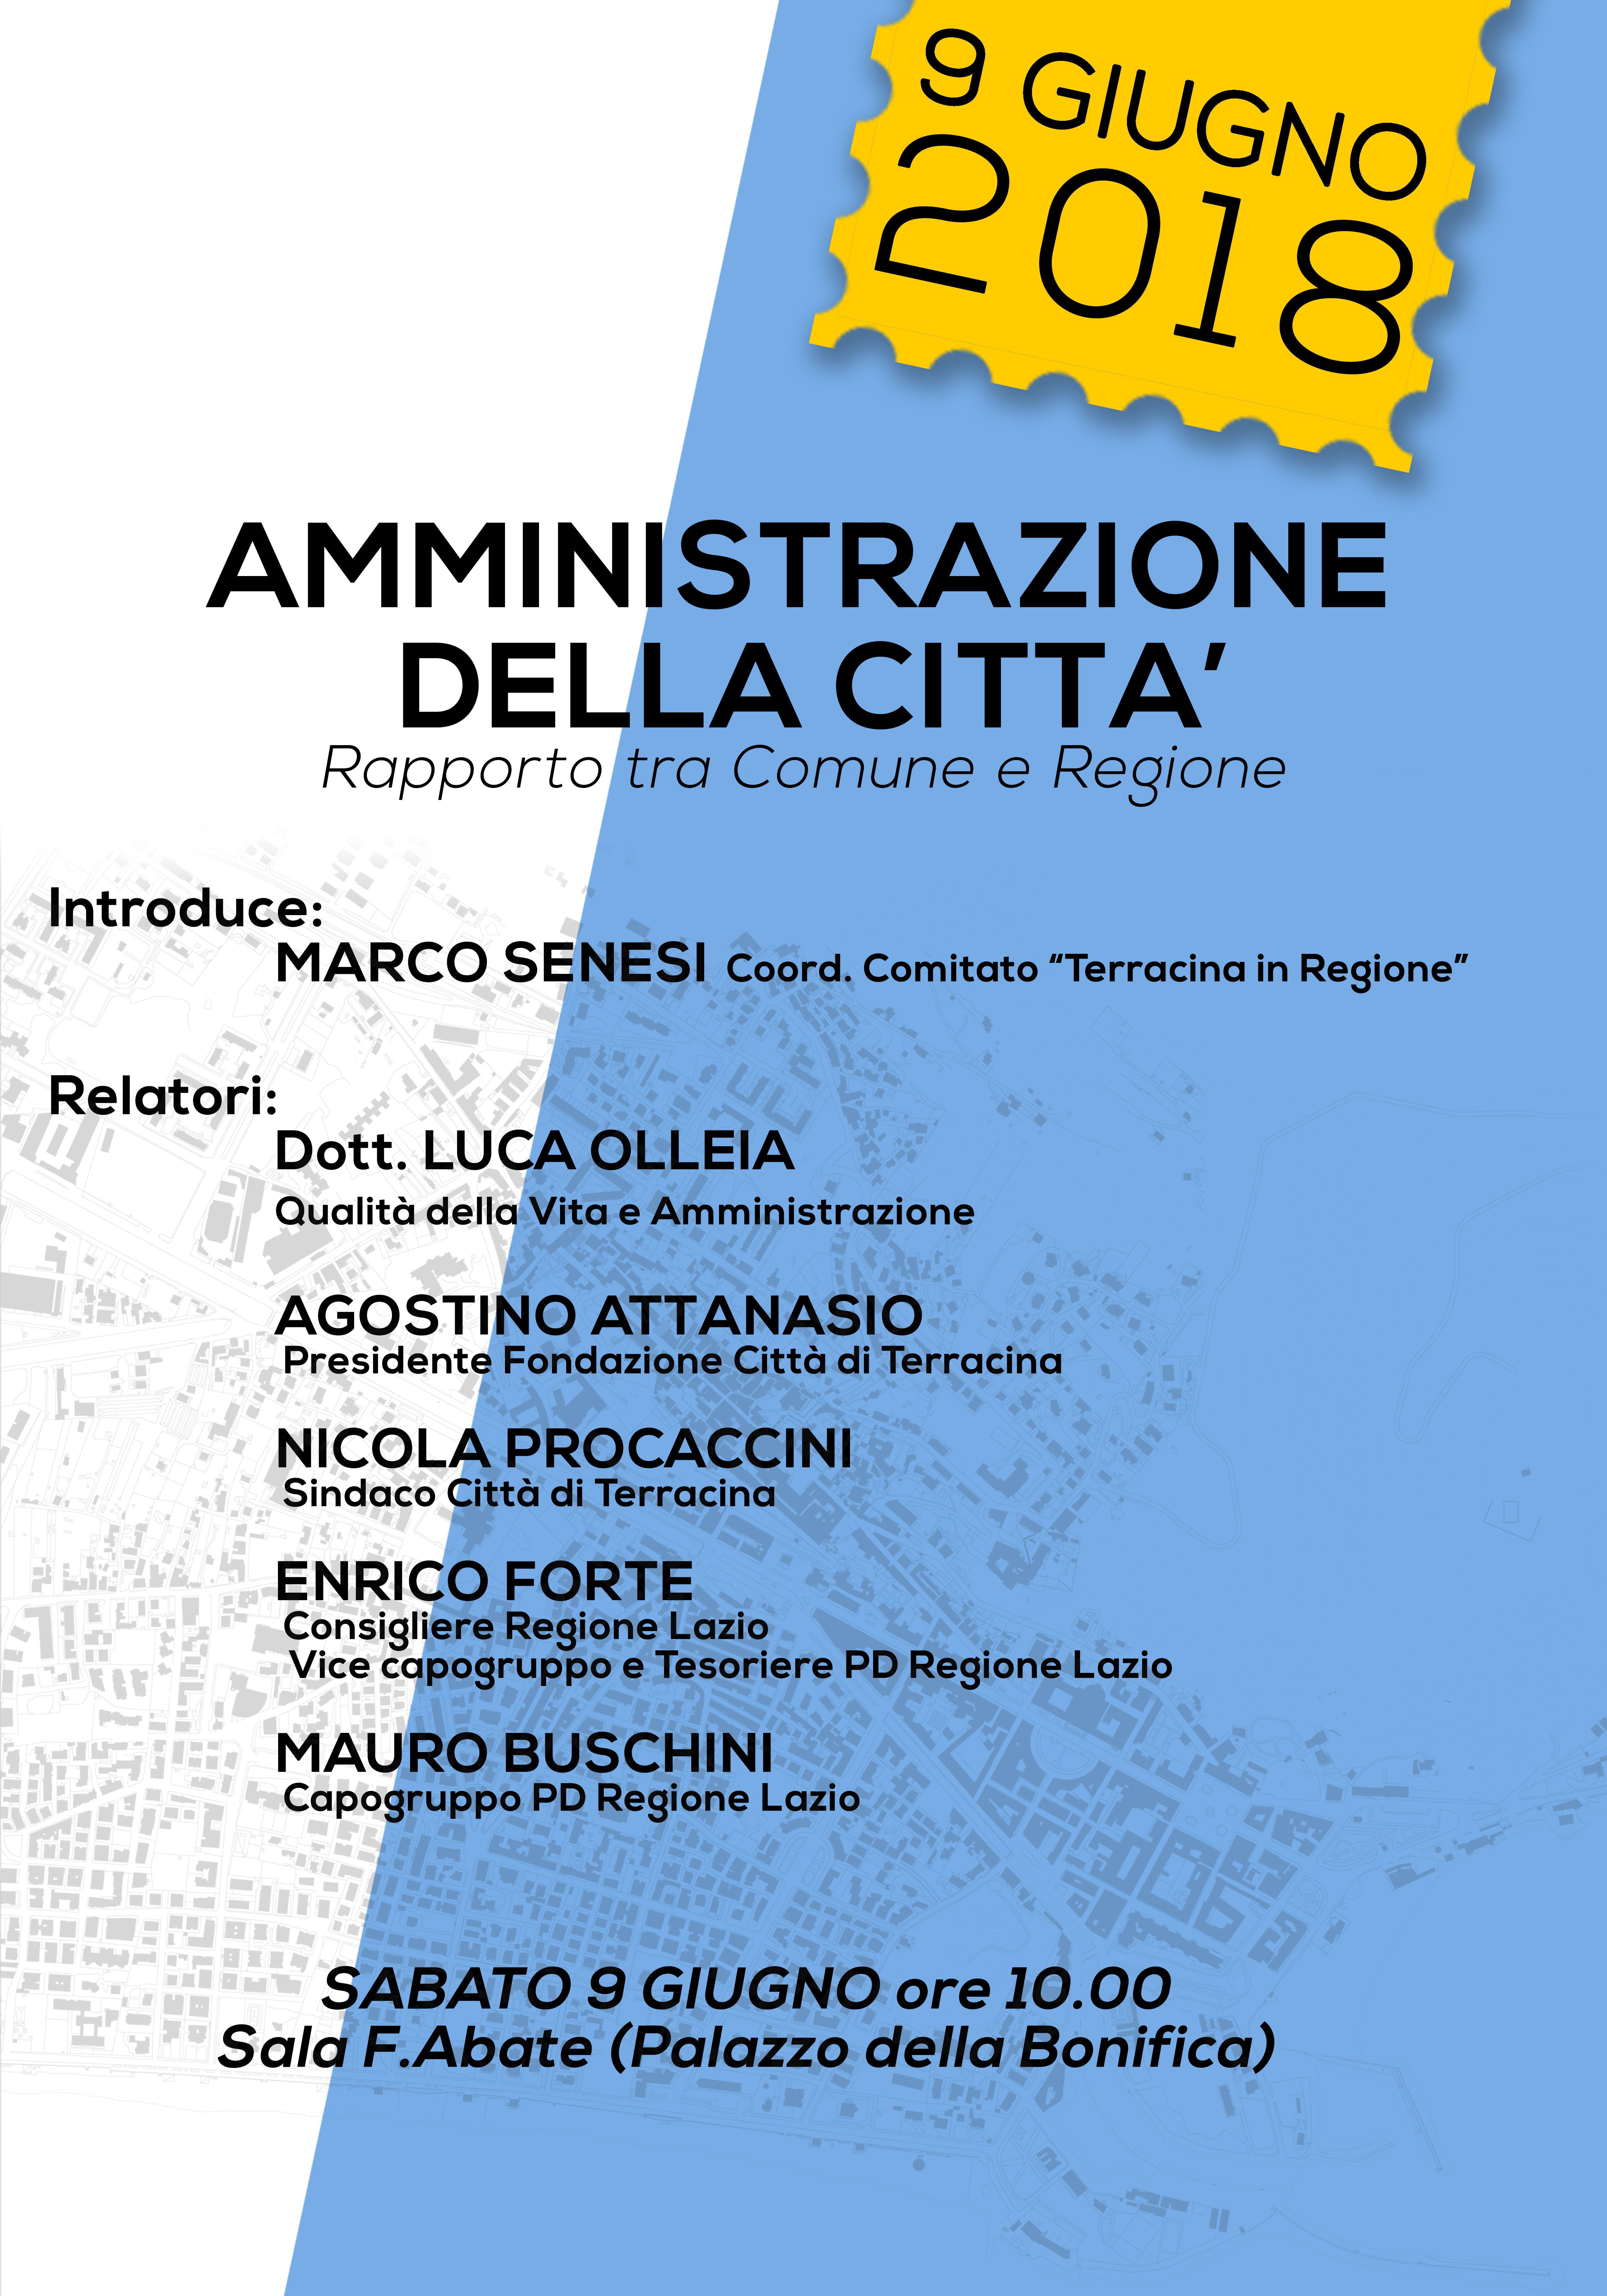 Convegno Amministrazione Della Città Rapporto Tra Comune E Regione